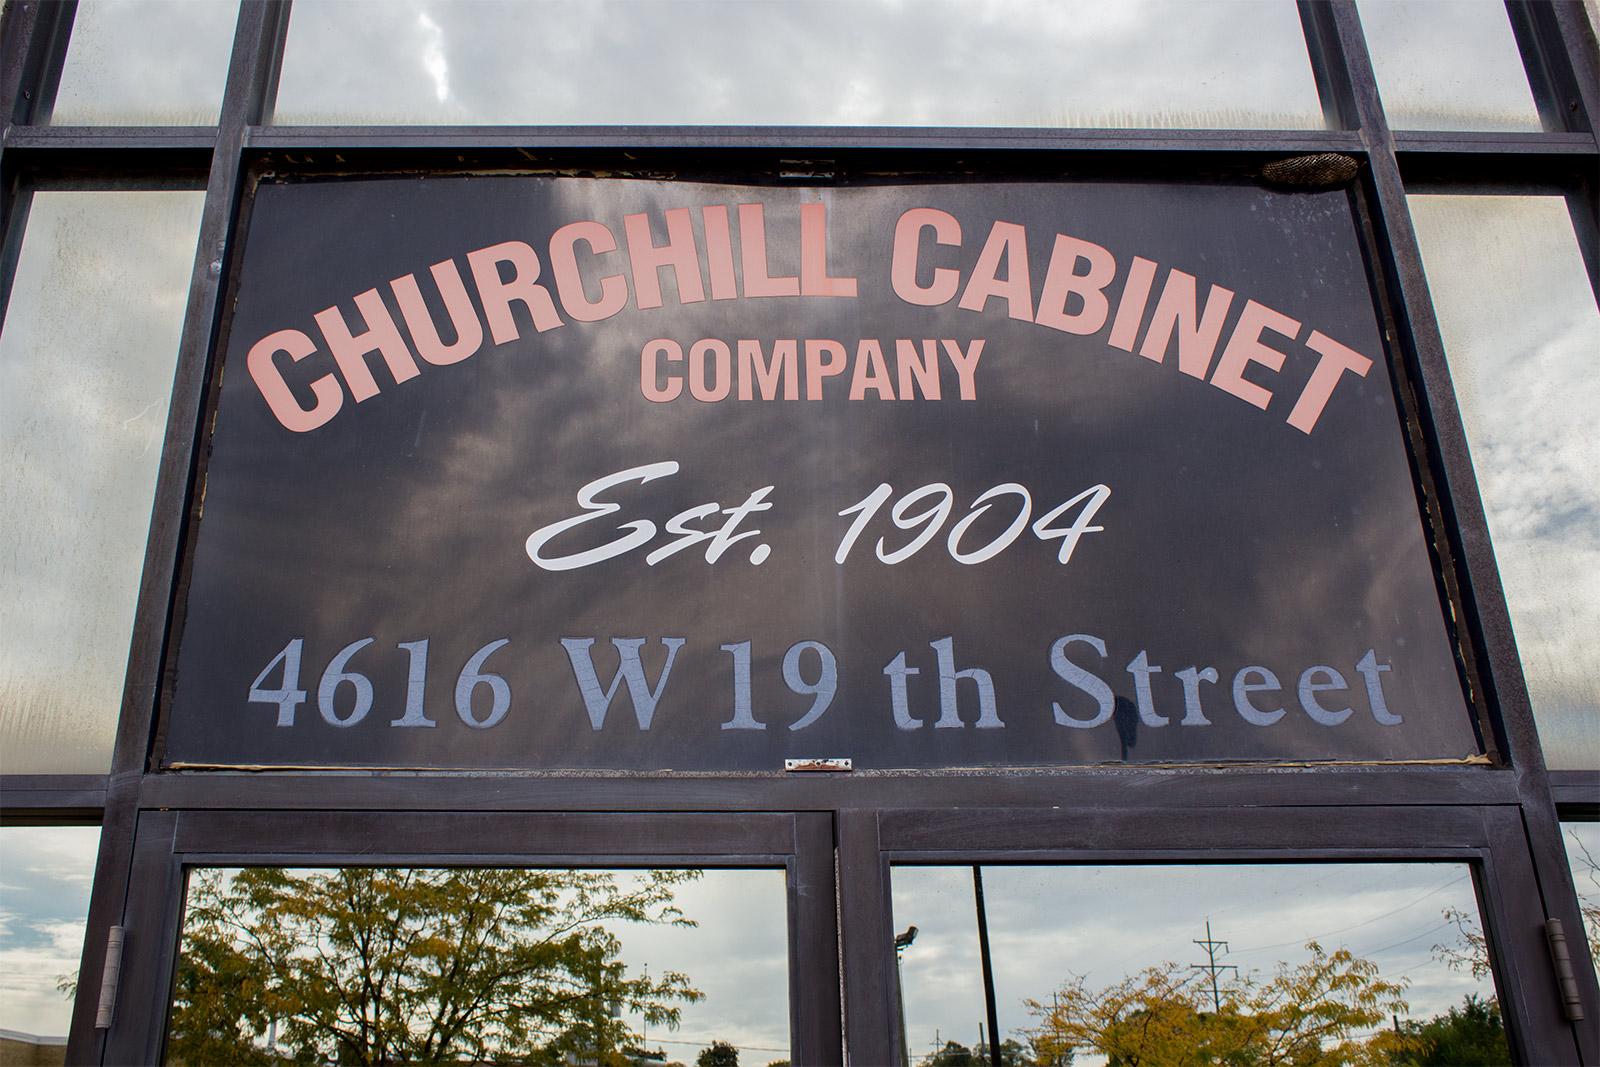 Churchill Cabinet Company Tour